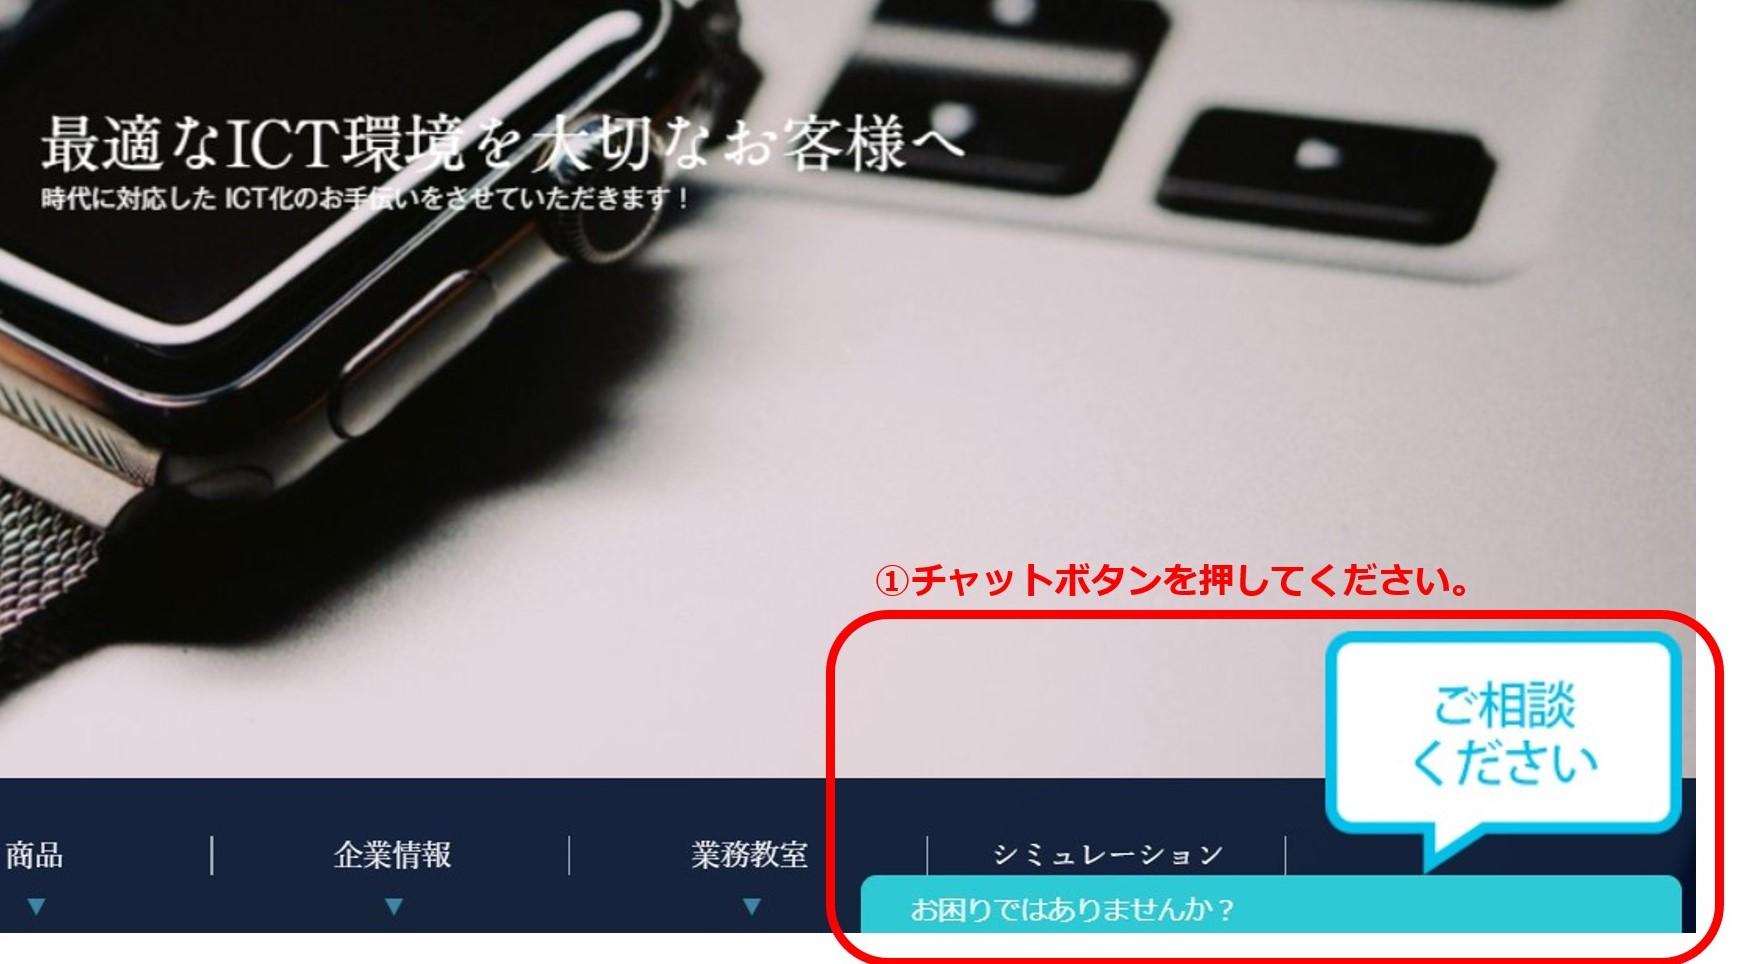 右下に表示されるチャットボタンをクリックします。